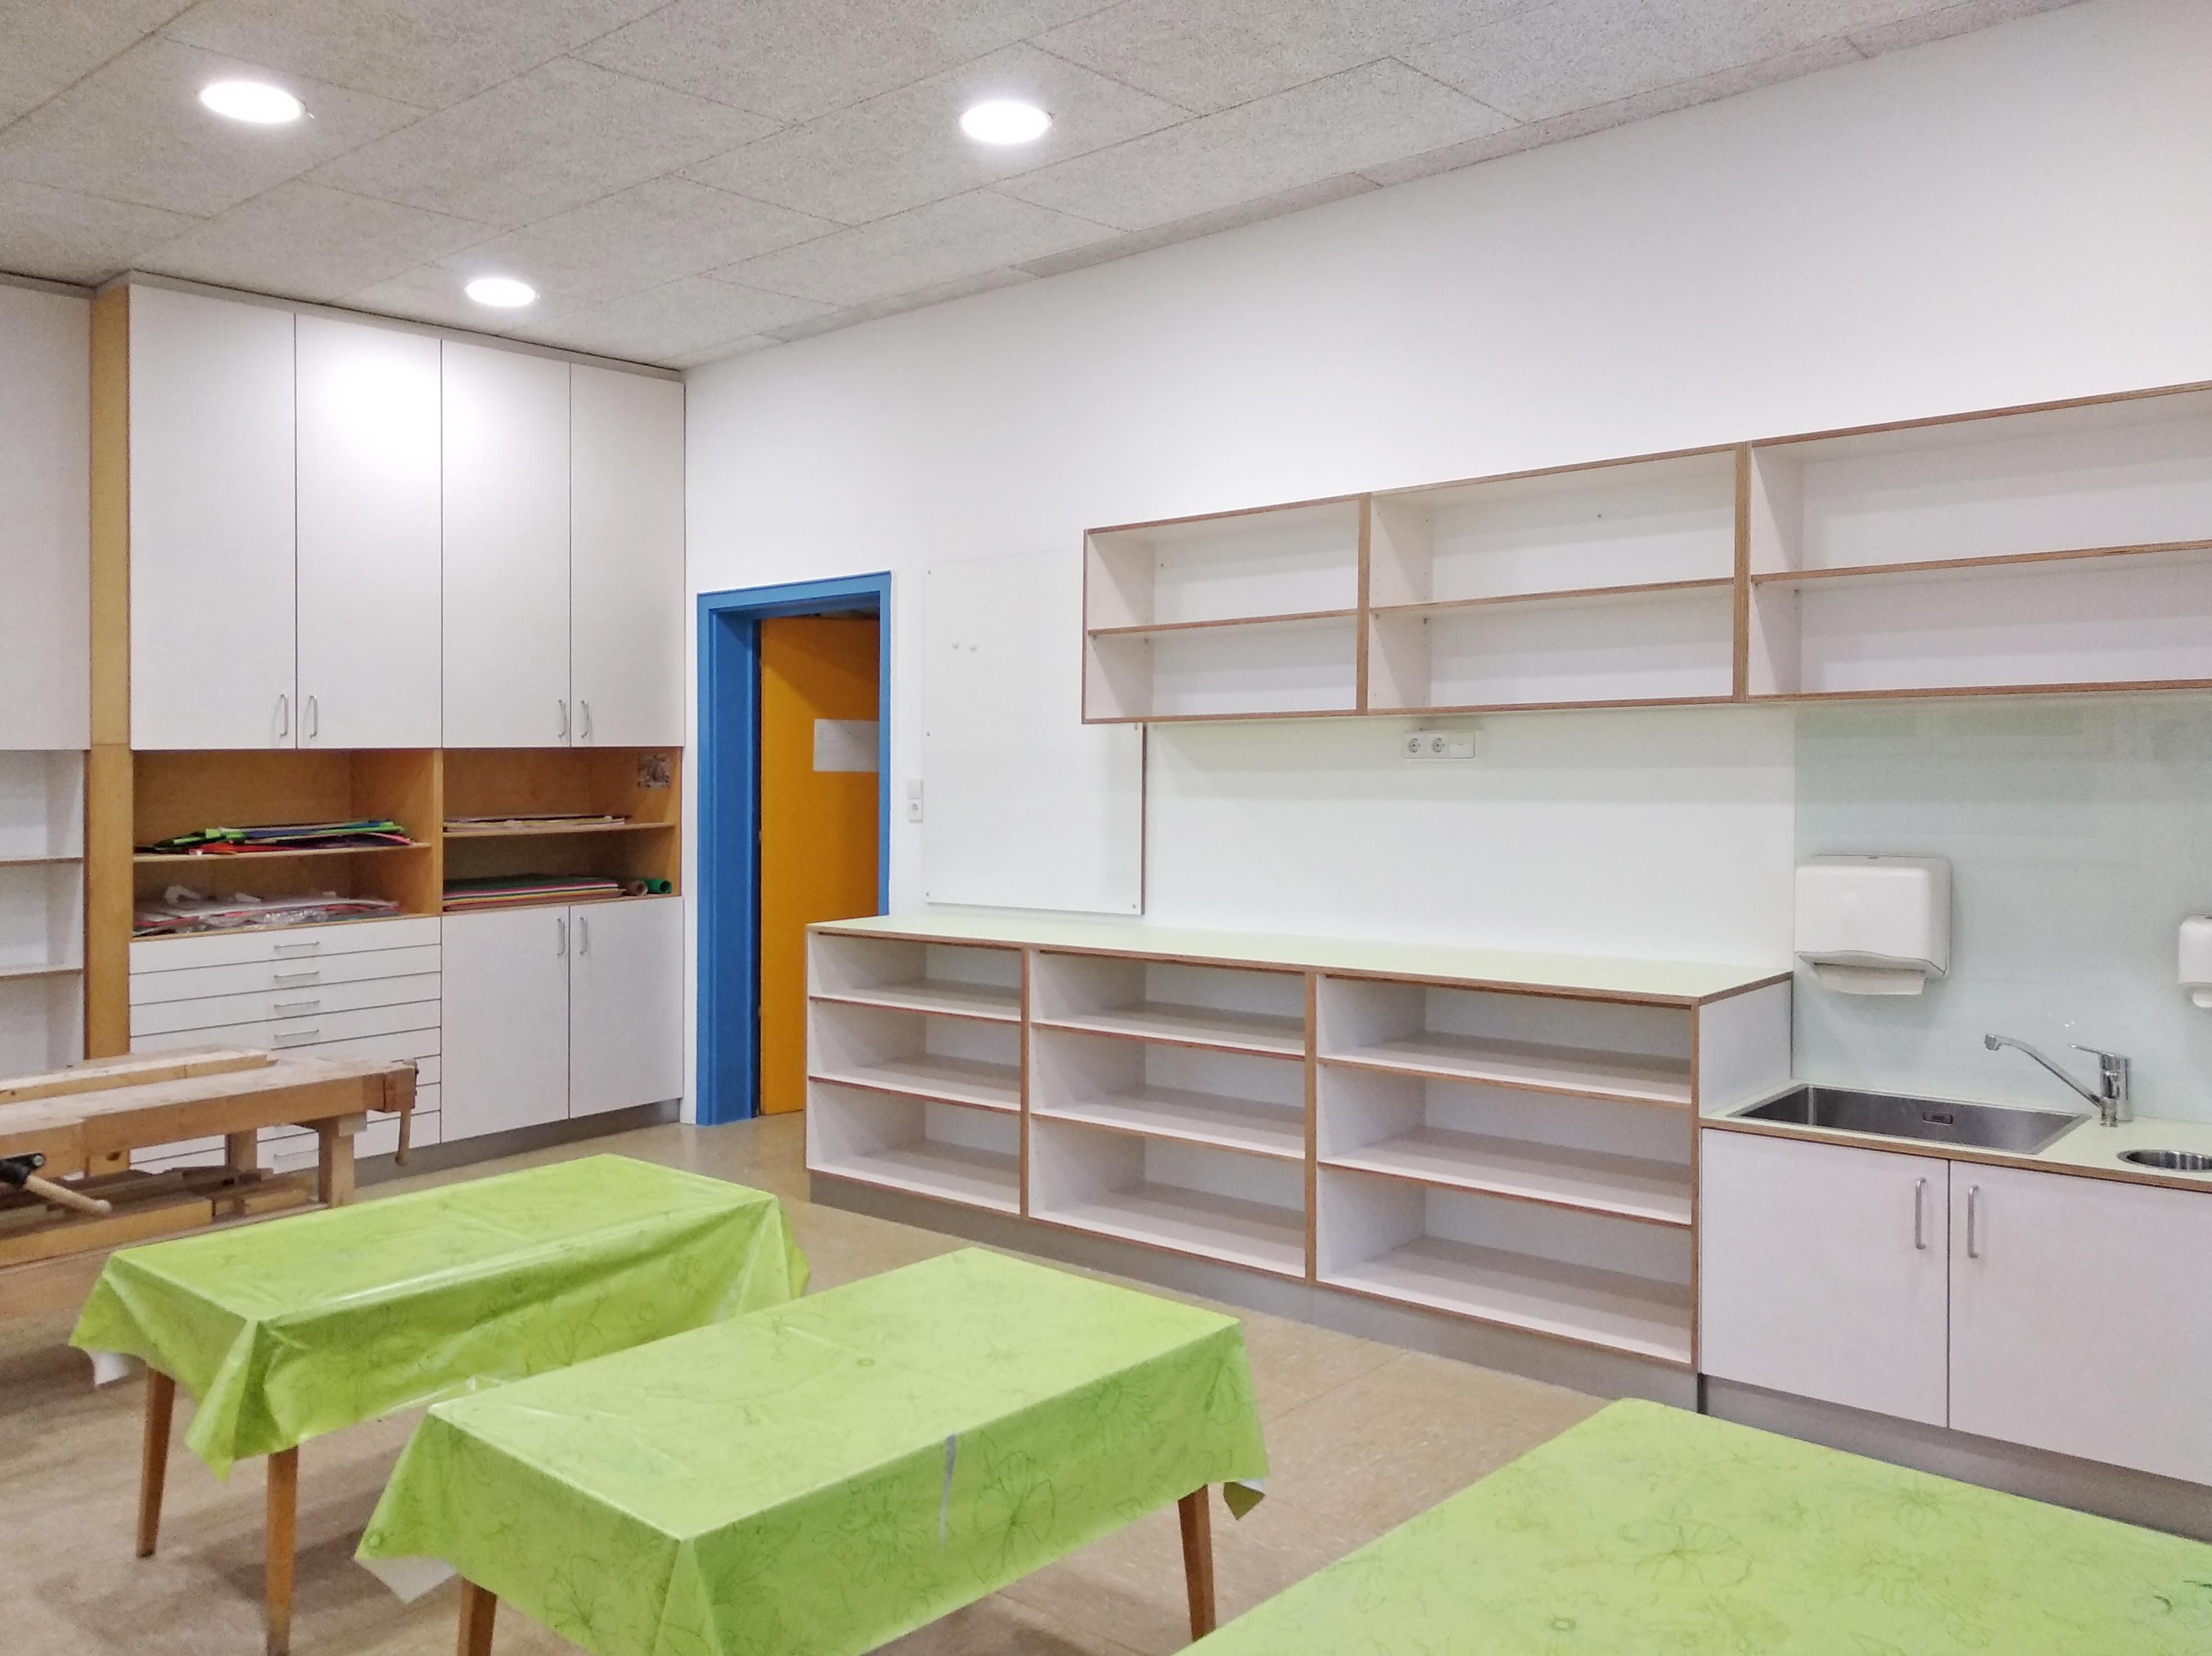 Malzimmer Kindergarten Tübingen